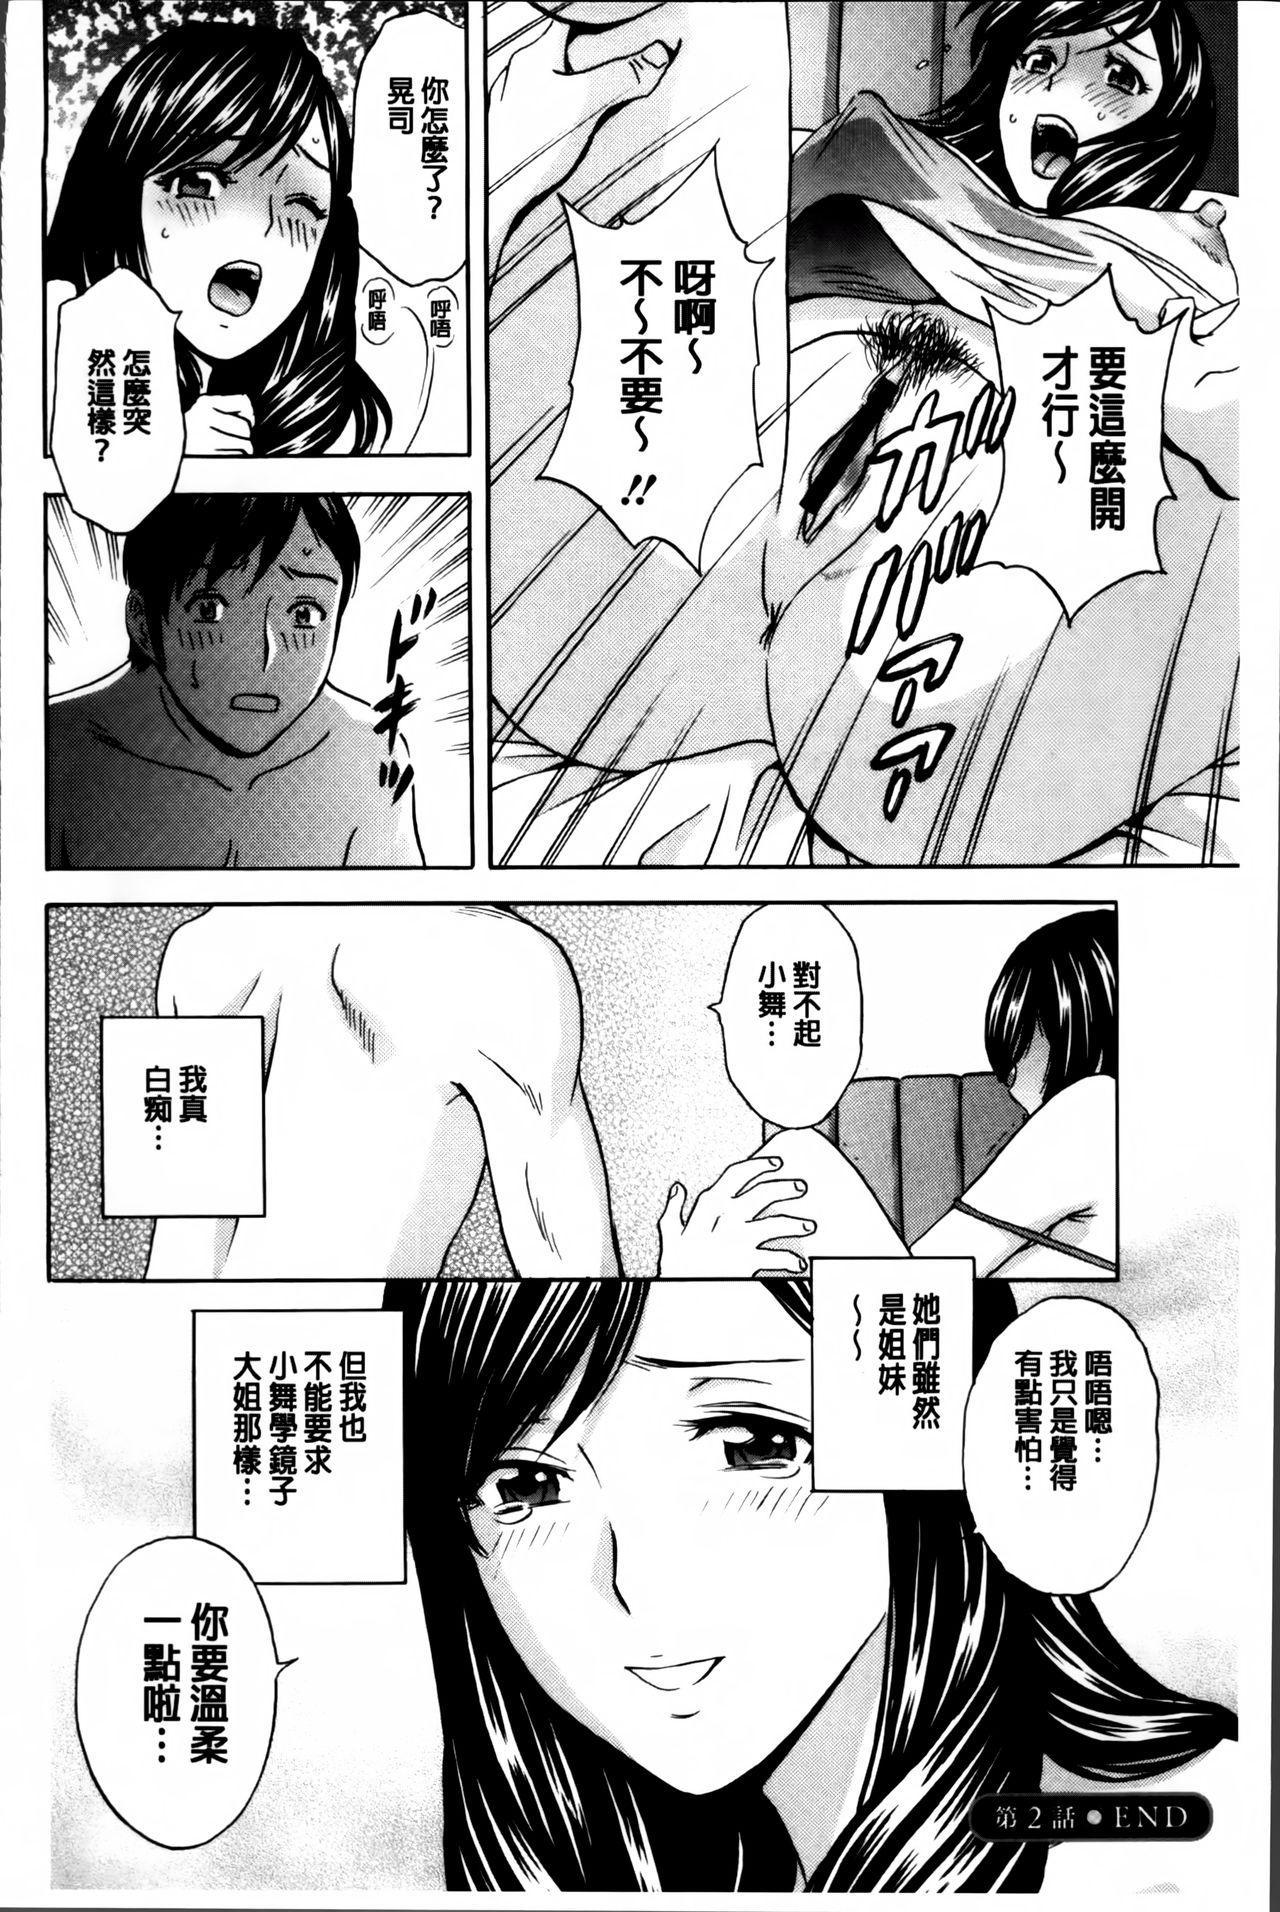 Midara Shimai Asobi 46